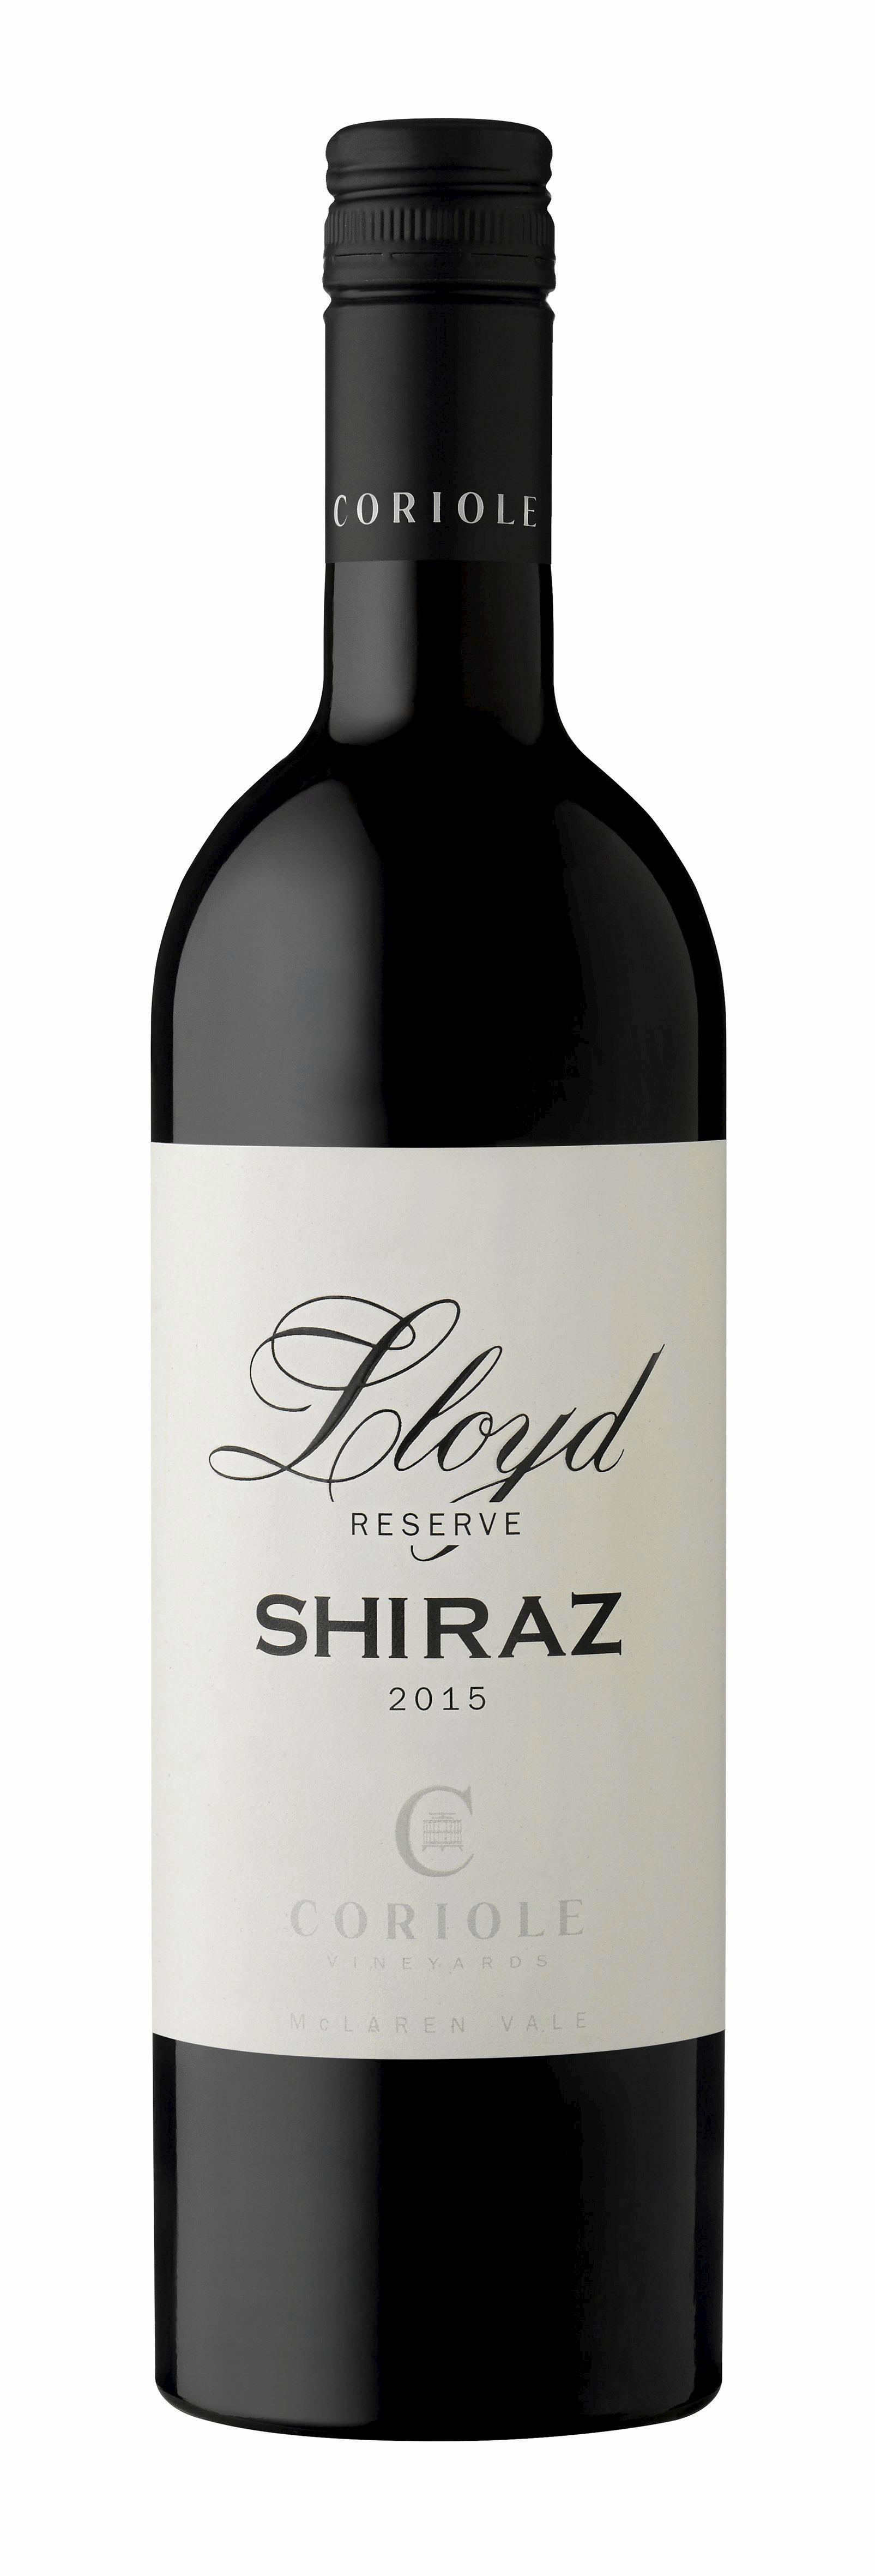 Lloyd, Shiraz 2015.